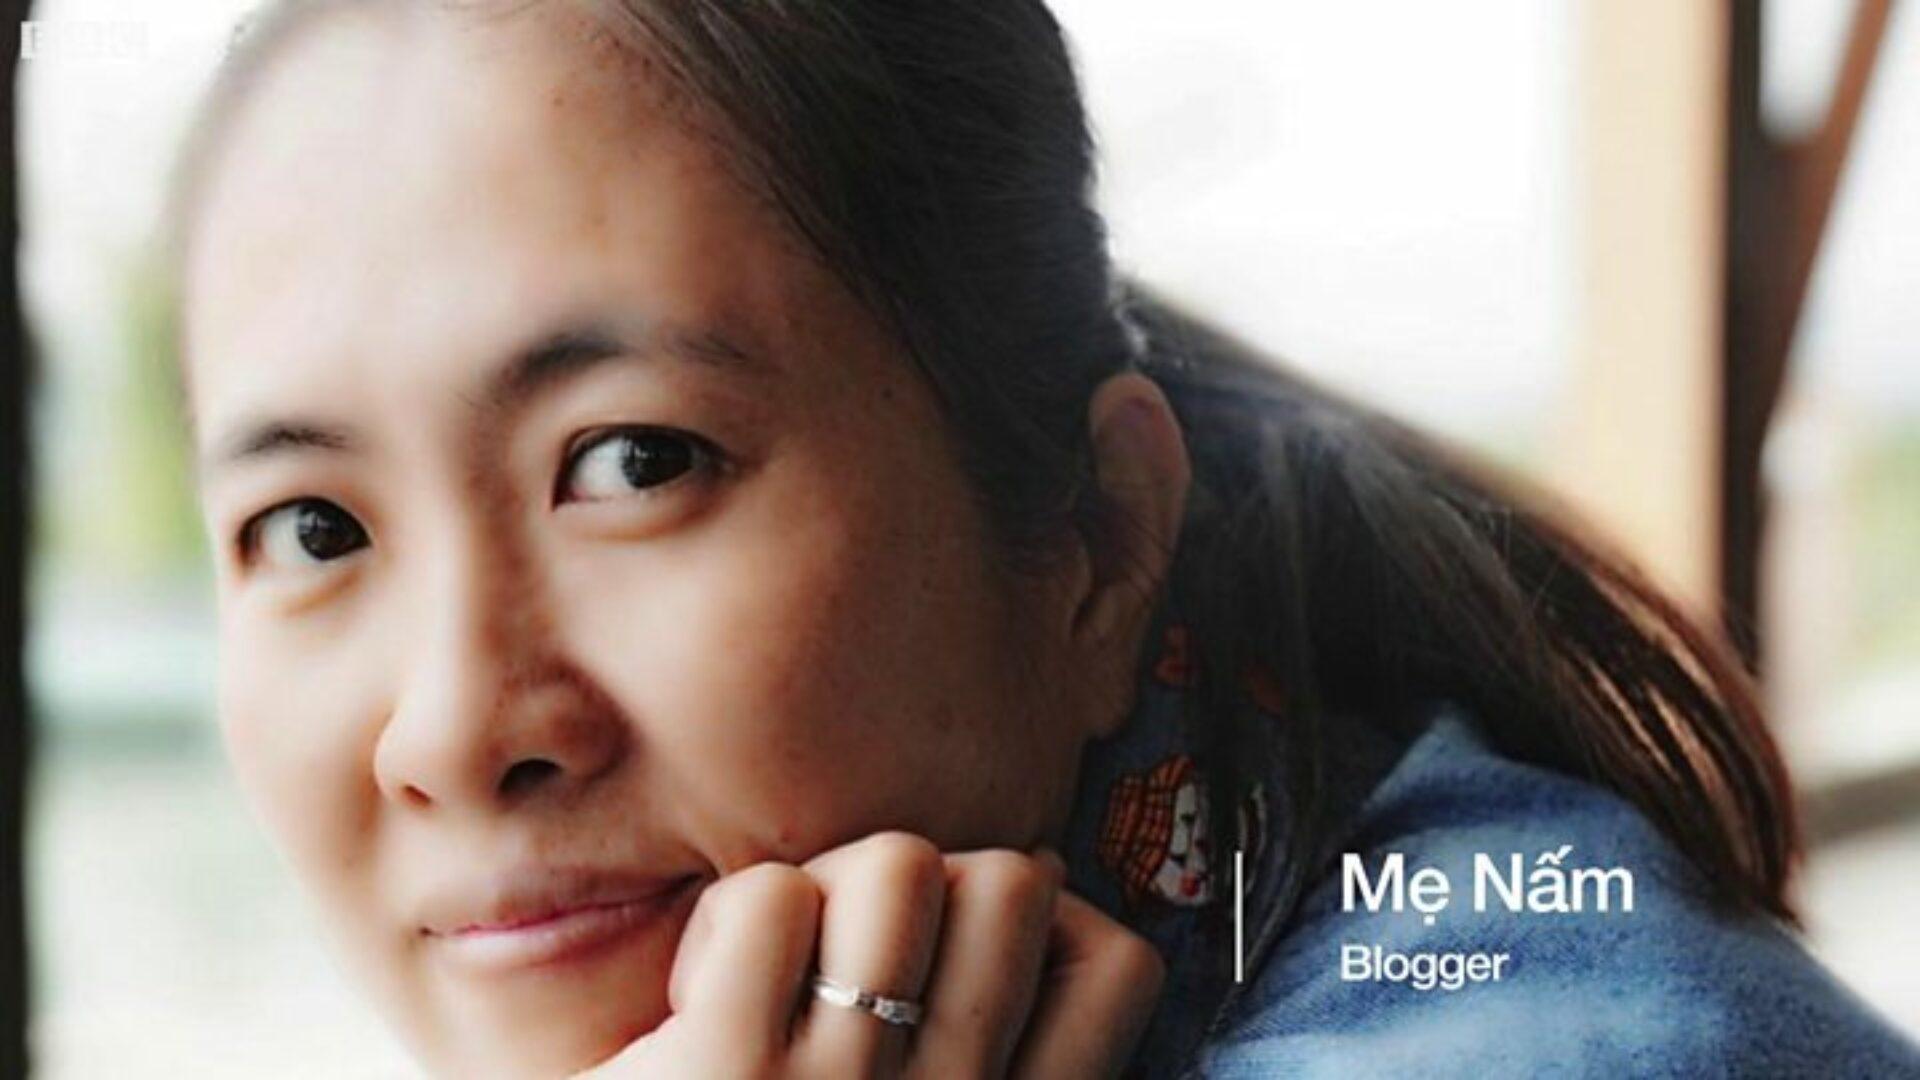 Thư đạo diễn phim Mẹ Vắng Nhà gửi đến Mẹ Nấm